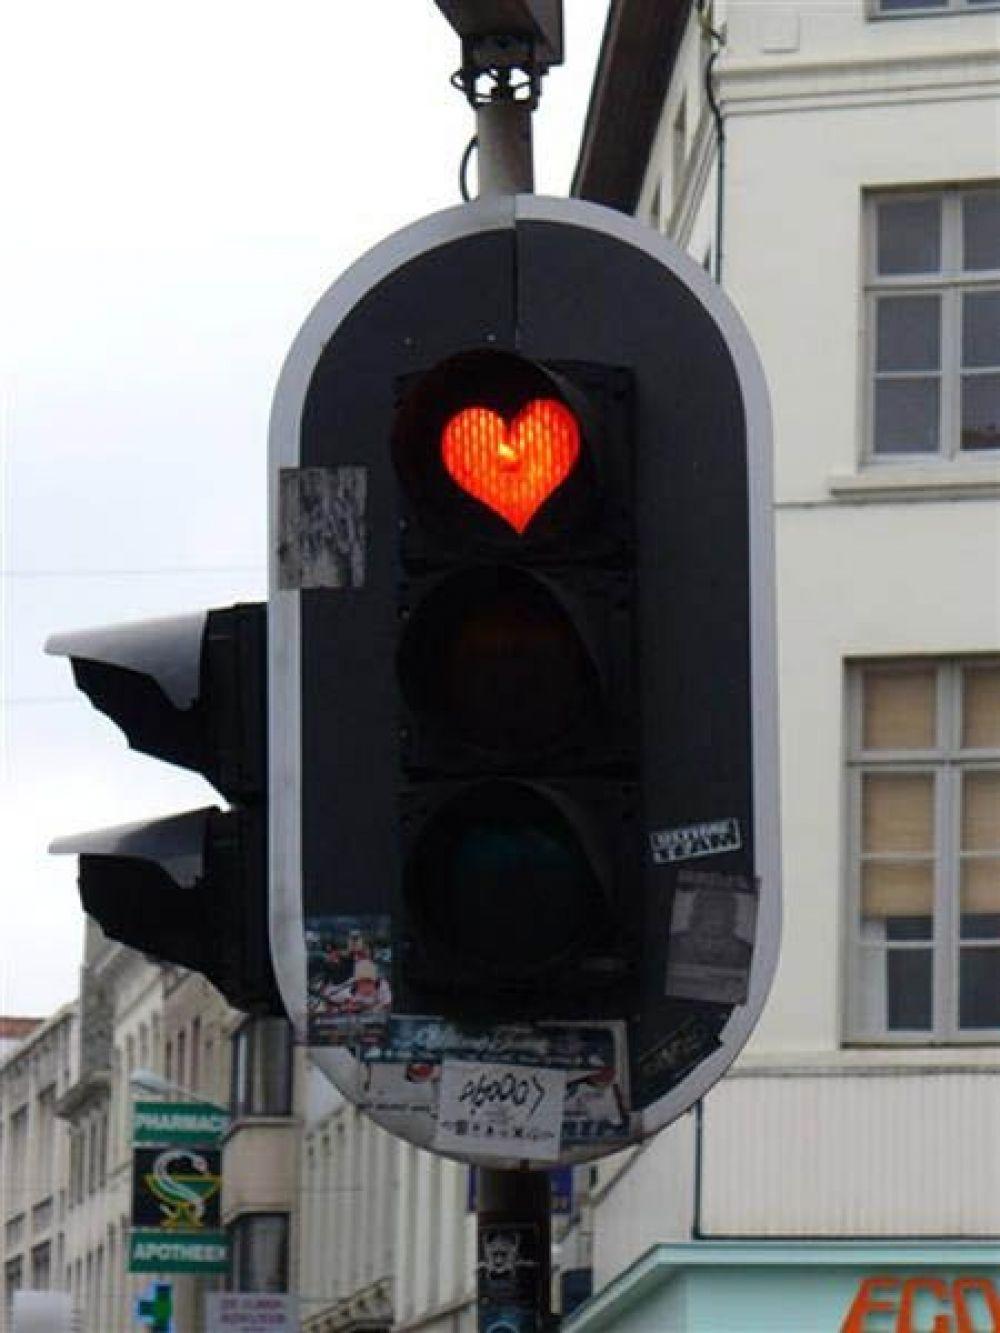 Первые светофоры с обратным отсчетом появились во Франции в 1998 году